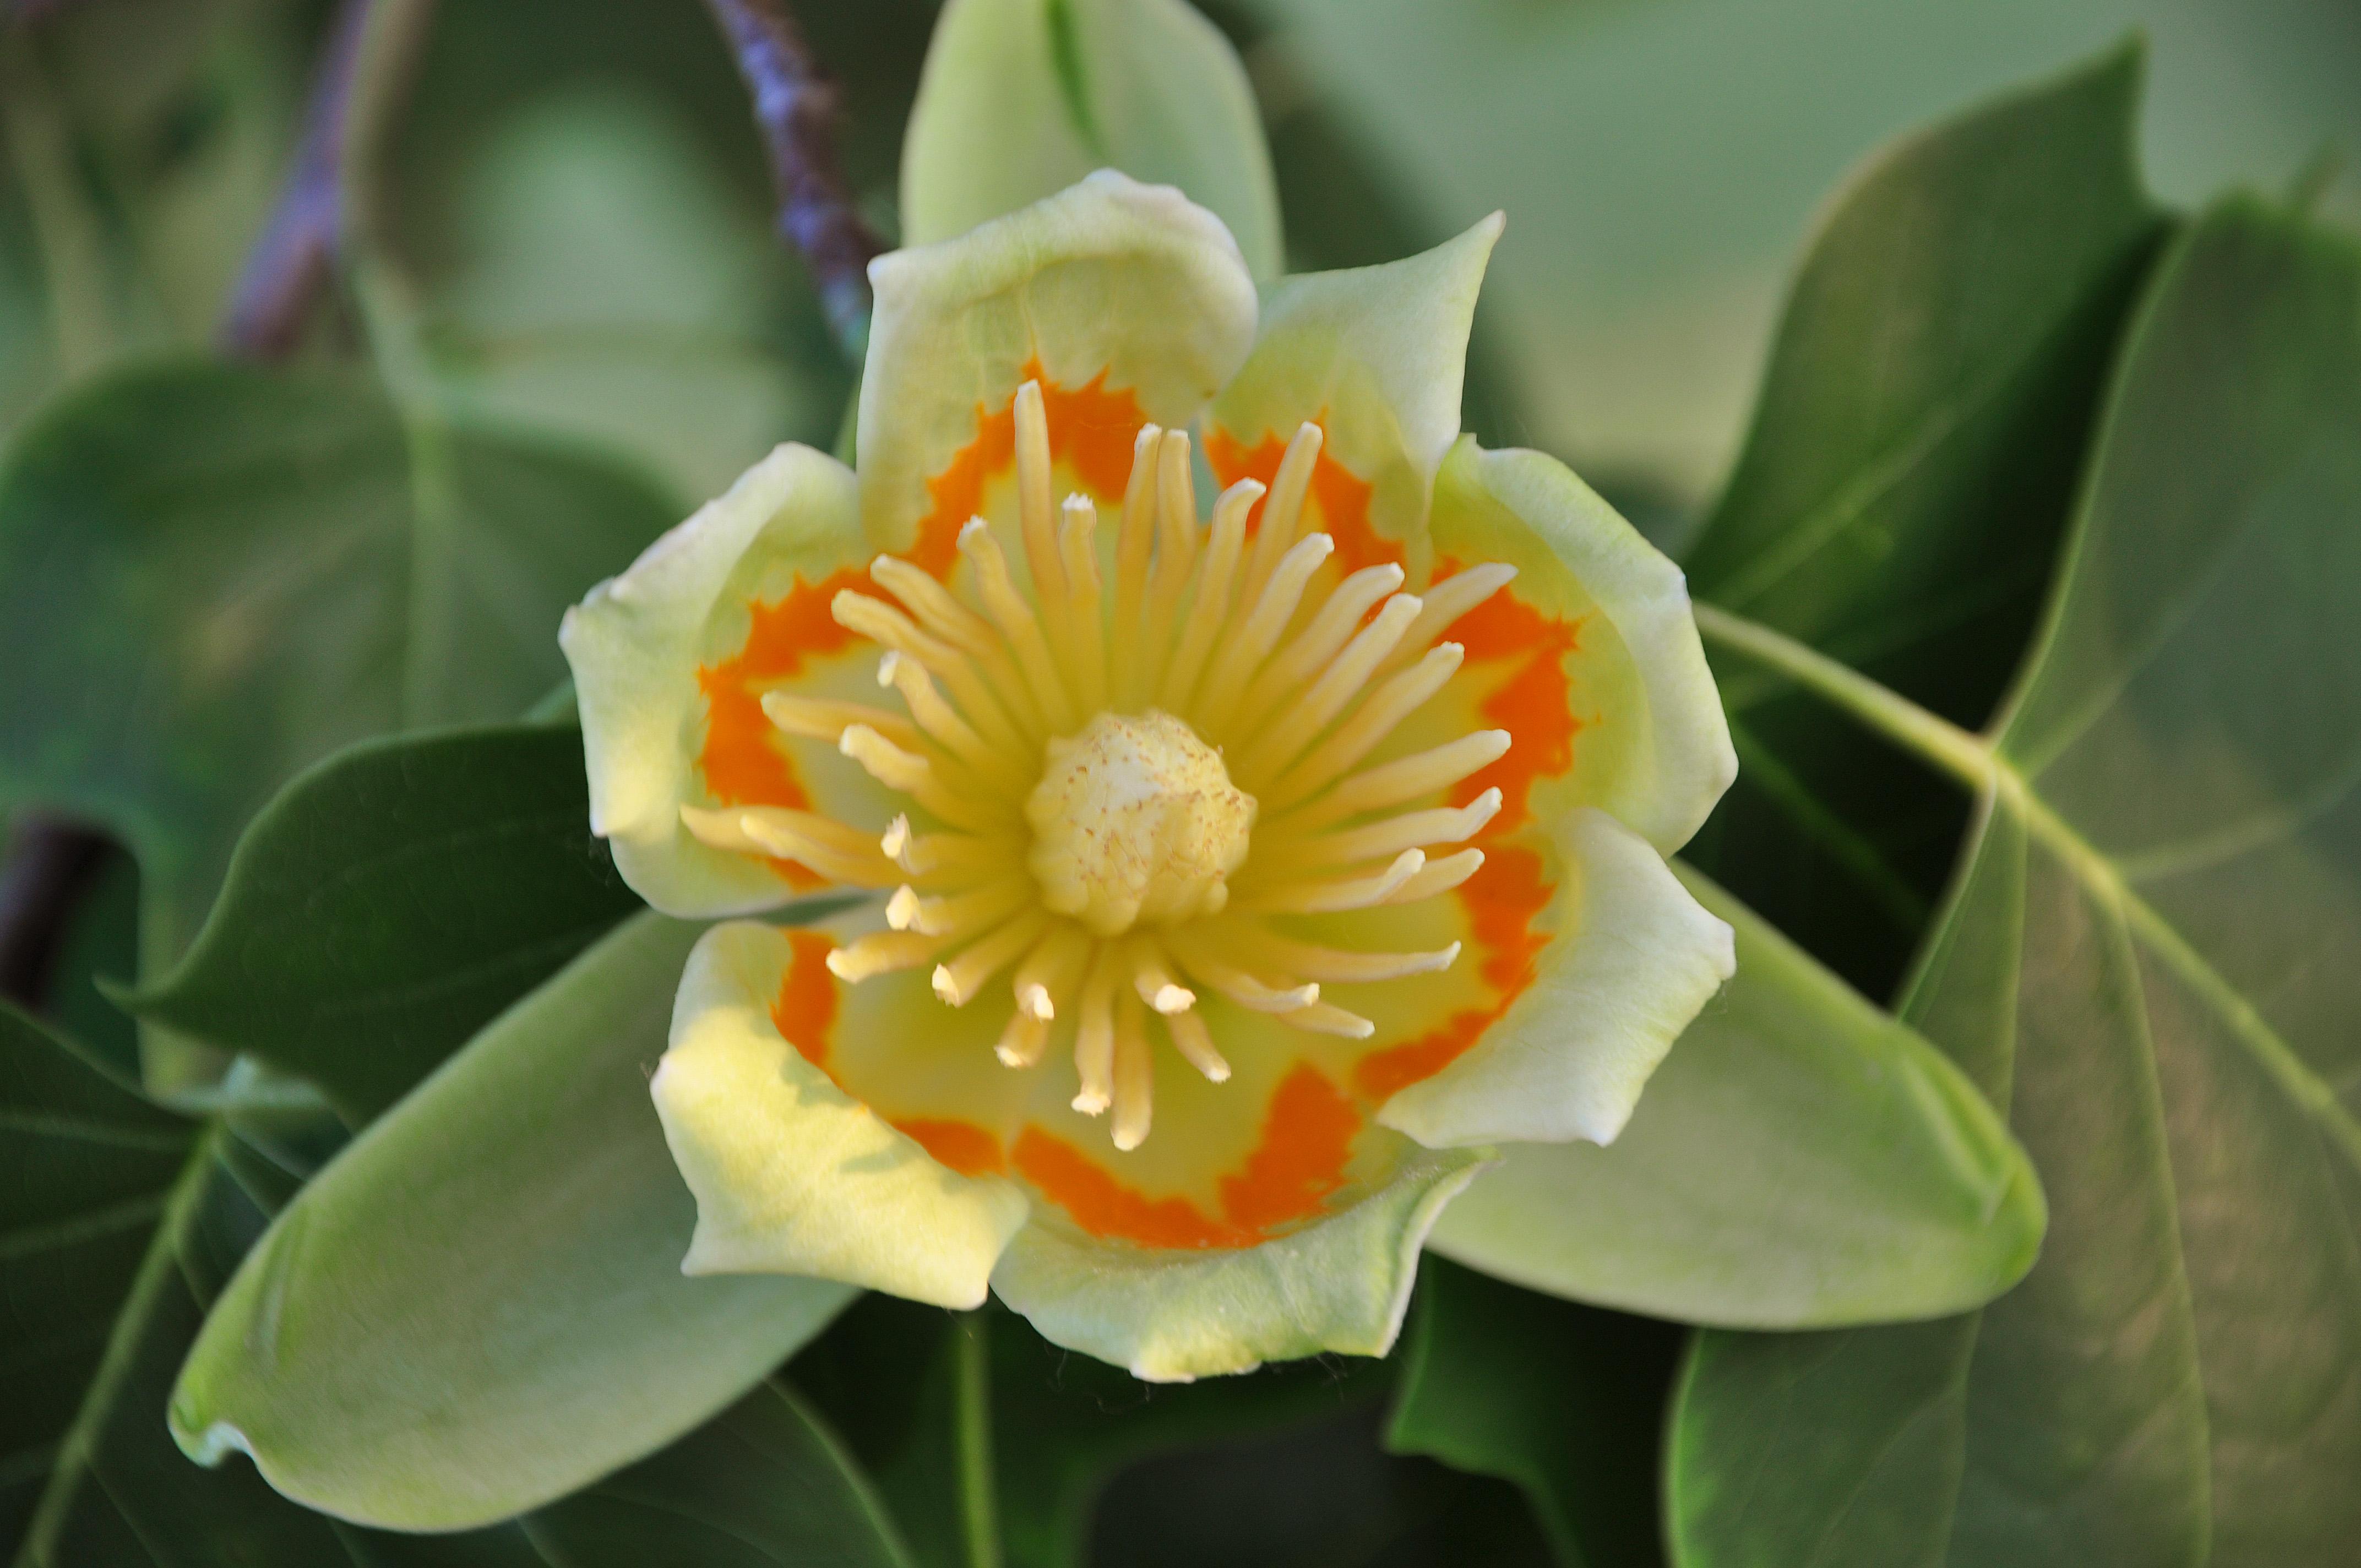 Liriodendron Tulipifera Flower File:Liriodendron tuli...